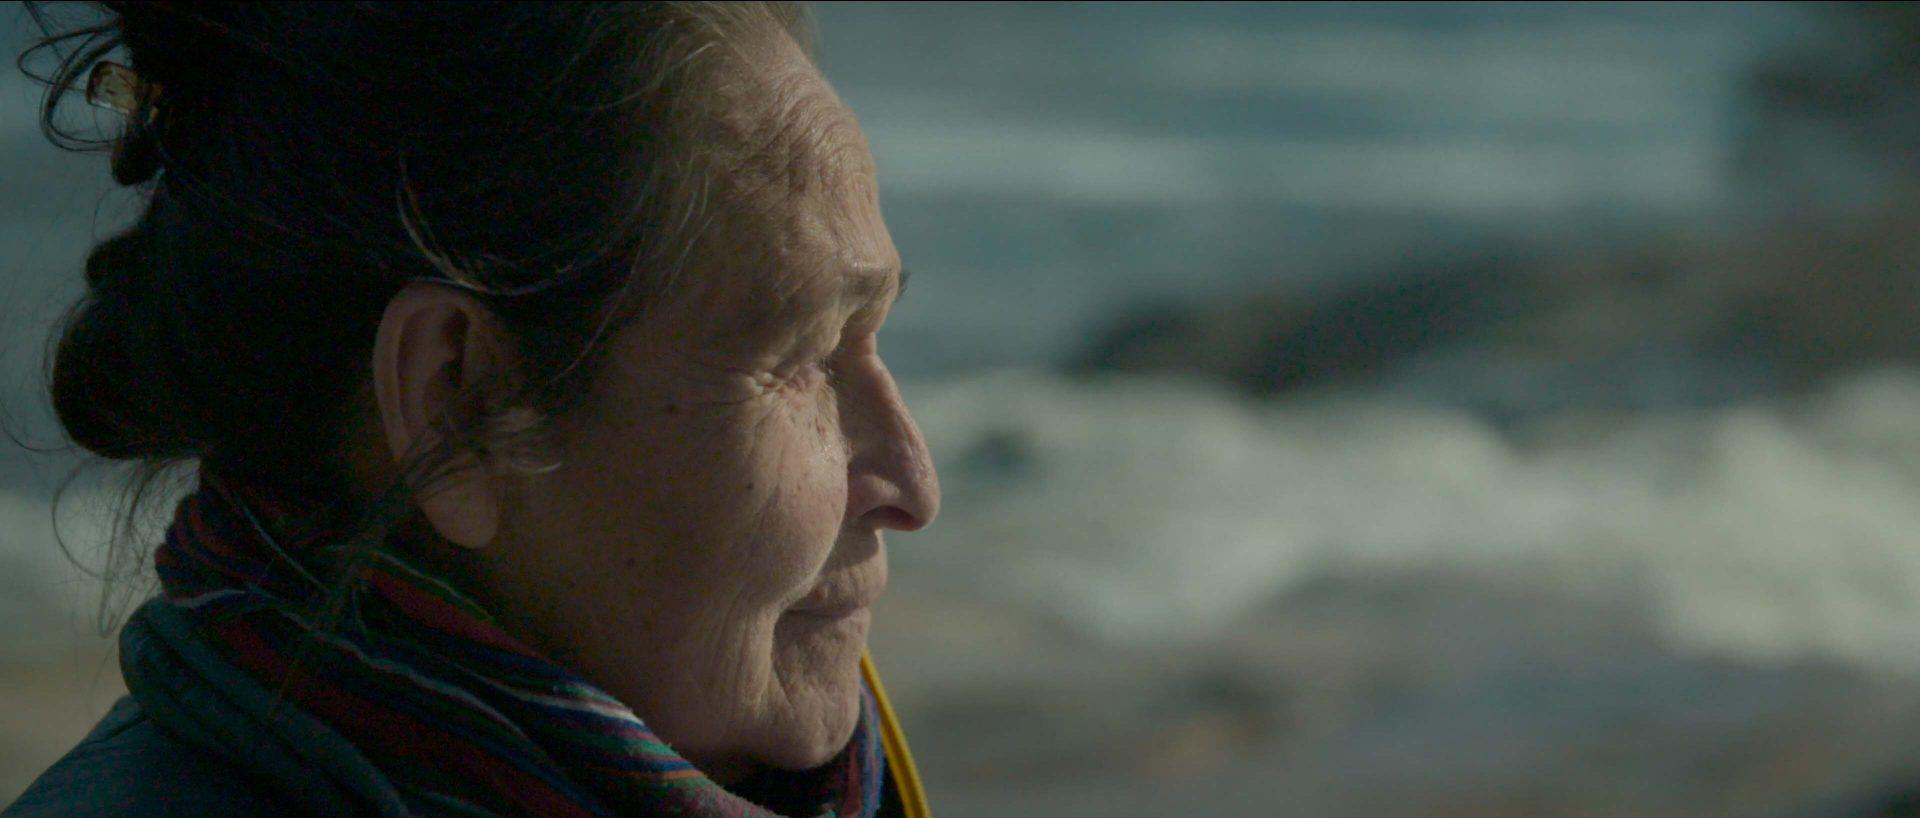 JE M'APPELLE HUMAIN », un film de Kim O'Bomsawin sur l'oeuvre de la poète Joséphine Bacon, en première mondiale au FCVQ 2020 - CTVM.info